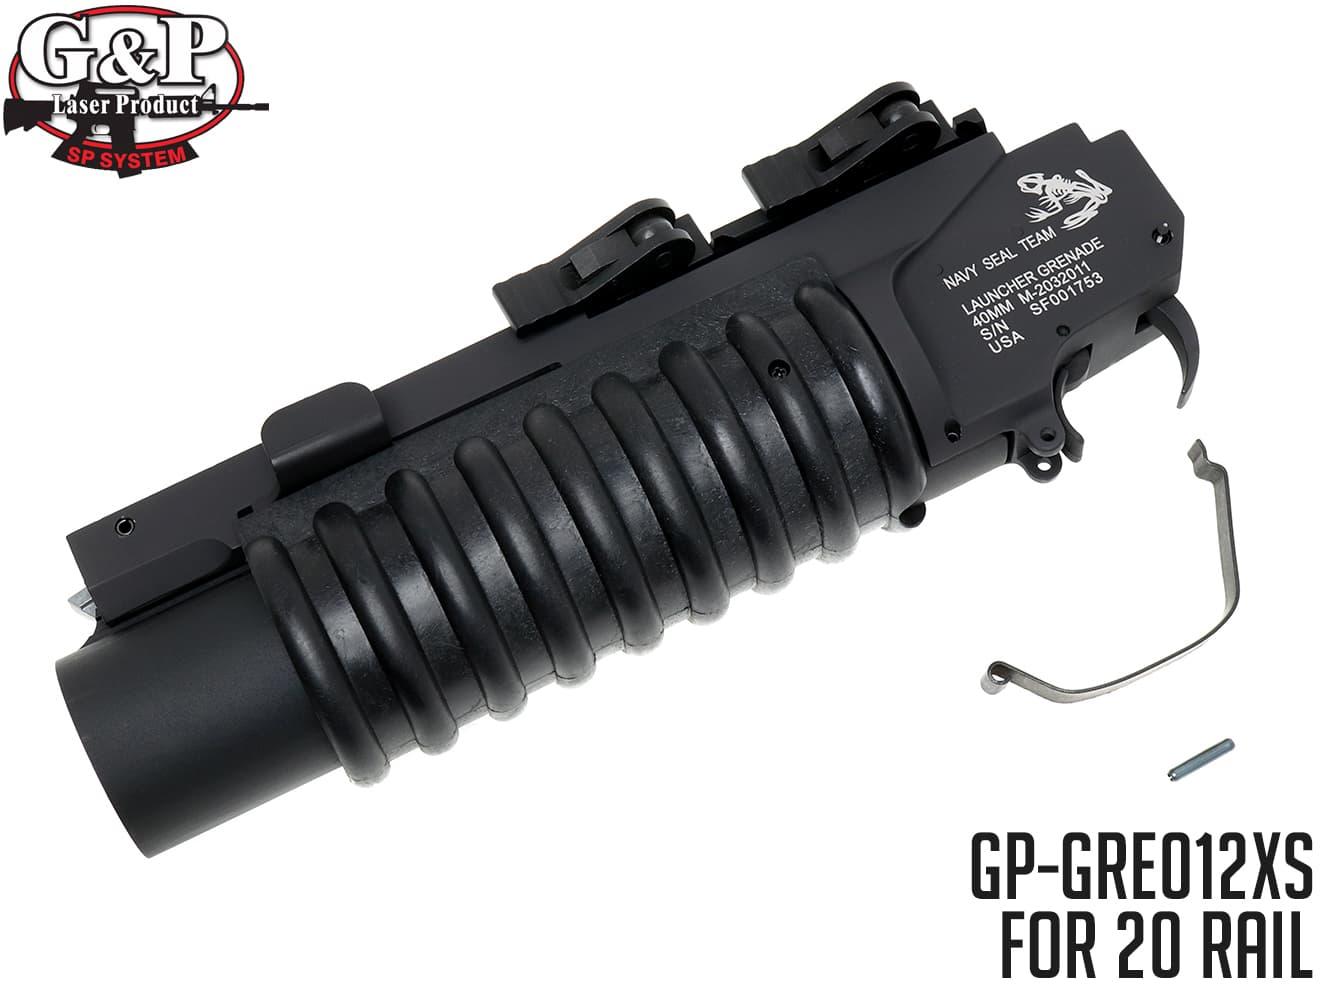 【40mmモスカート対応】G&P スカルフロッグタイプ M203 QD グレネードランチャーBK (XS)◆M4R.I.S.にピッタリ!20mmレール/RAS/RIS対応